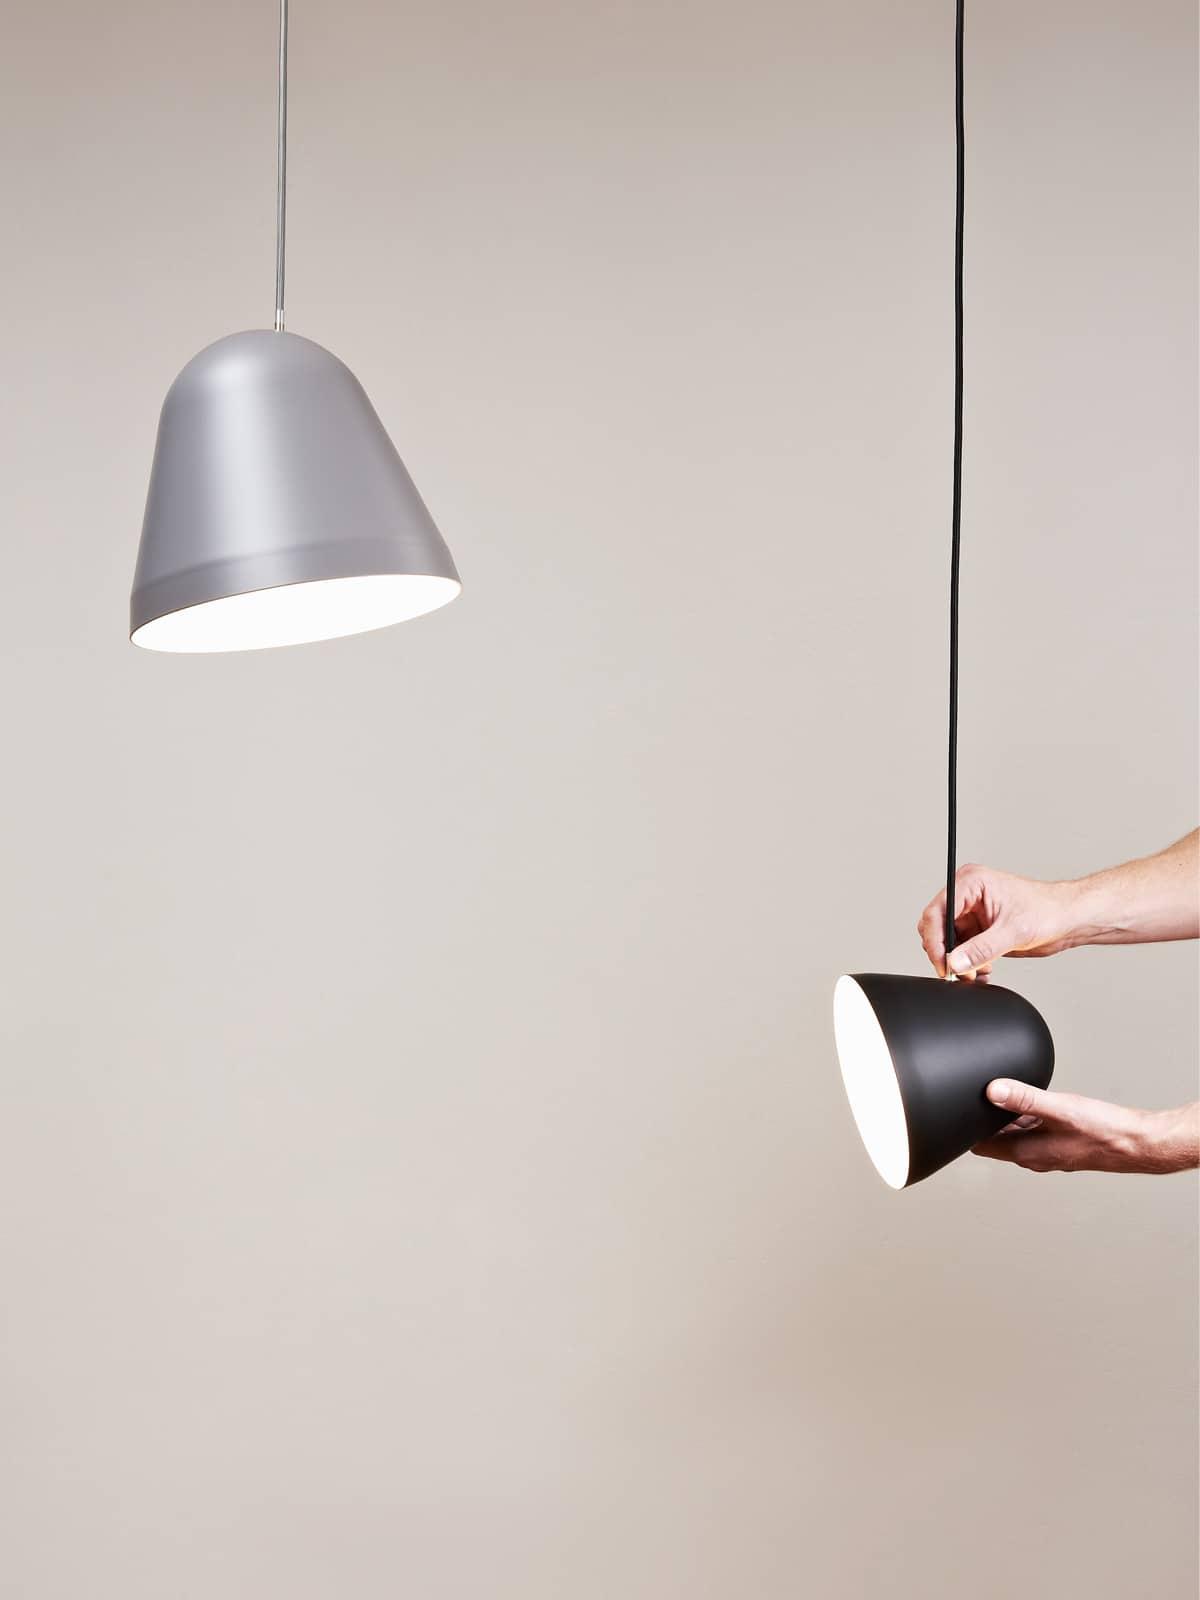 Verzauberkunst Designer Wandleuchten Beste Wahl Hängeleuchten Nyta Tilt In Verschiedenen Größen Und